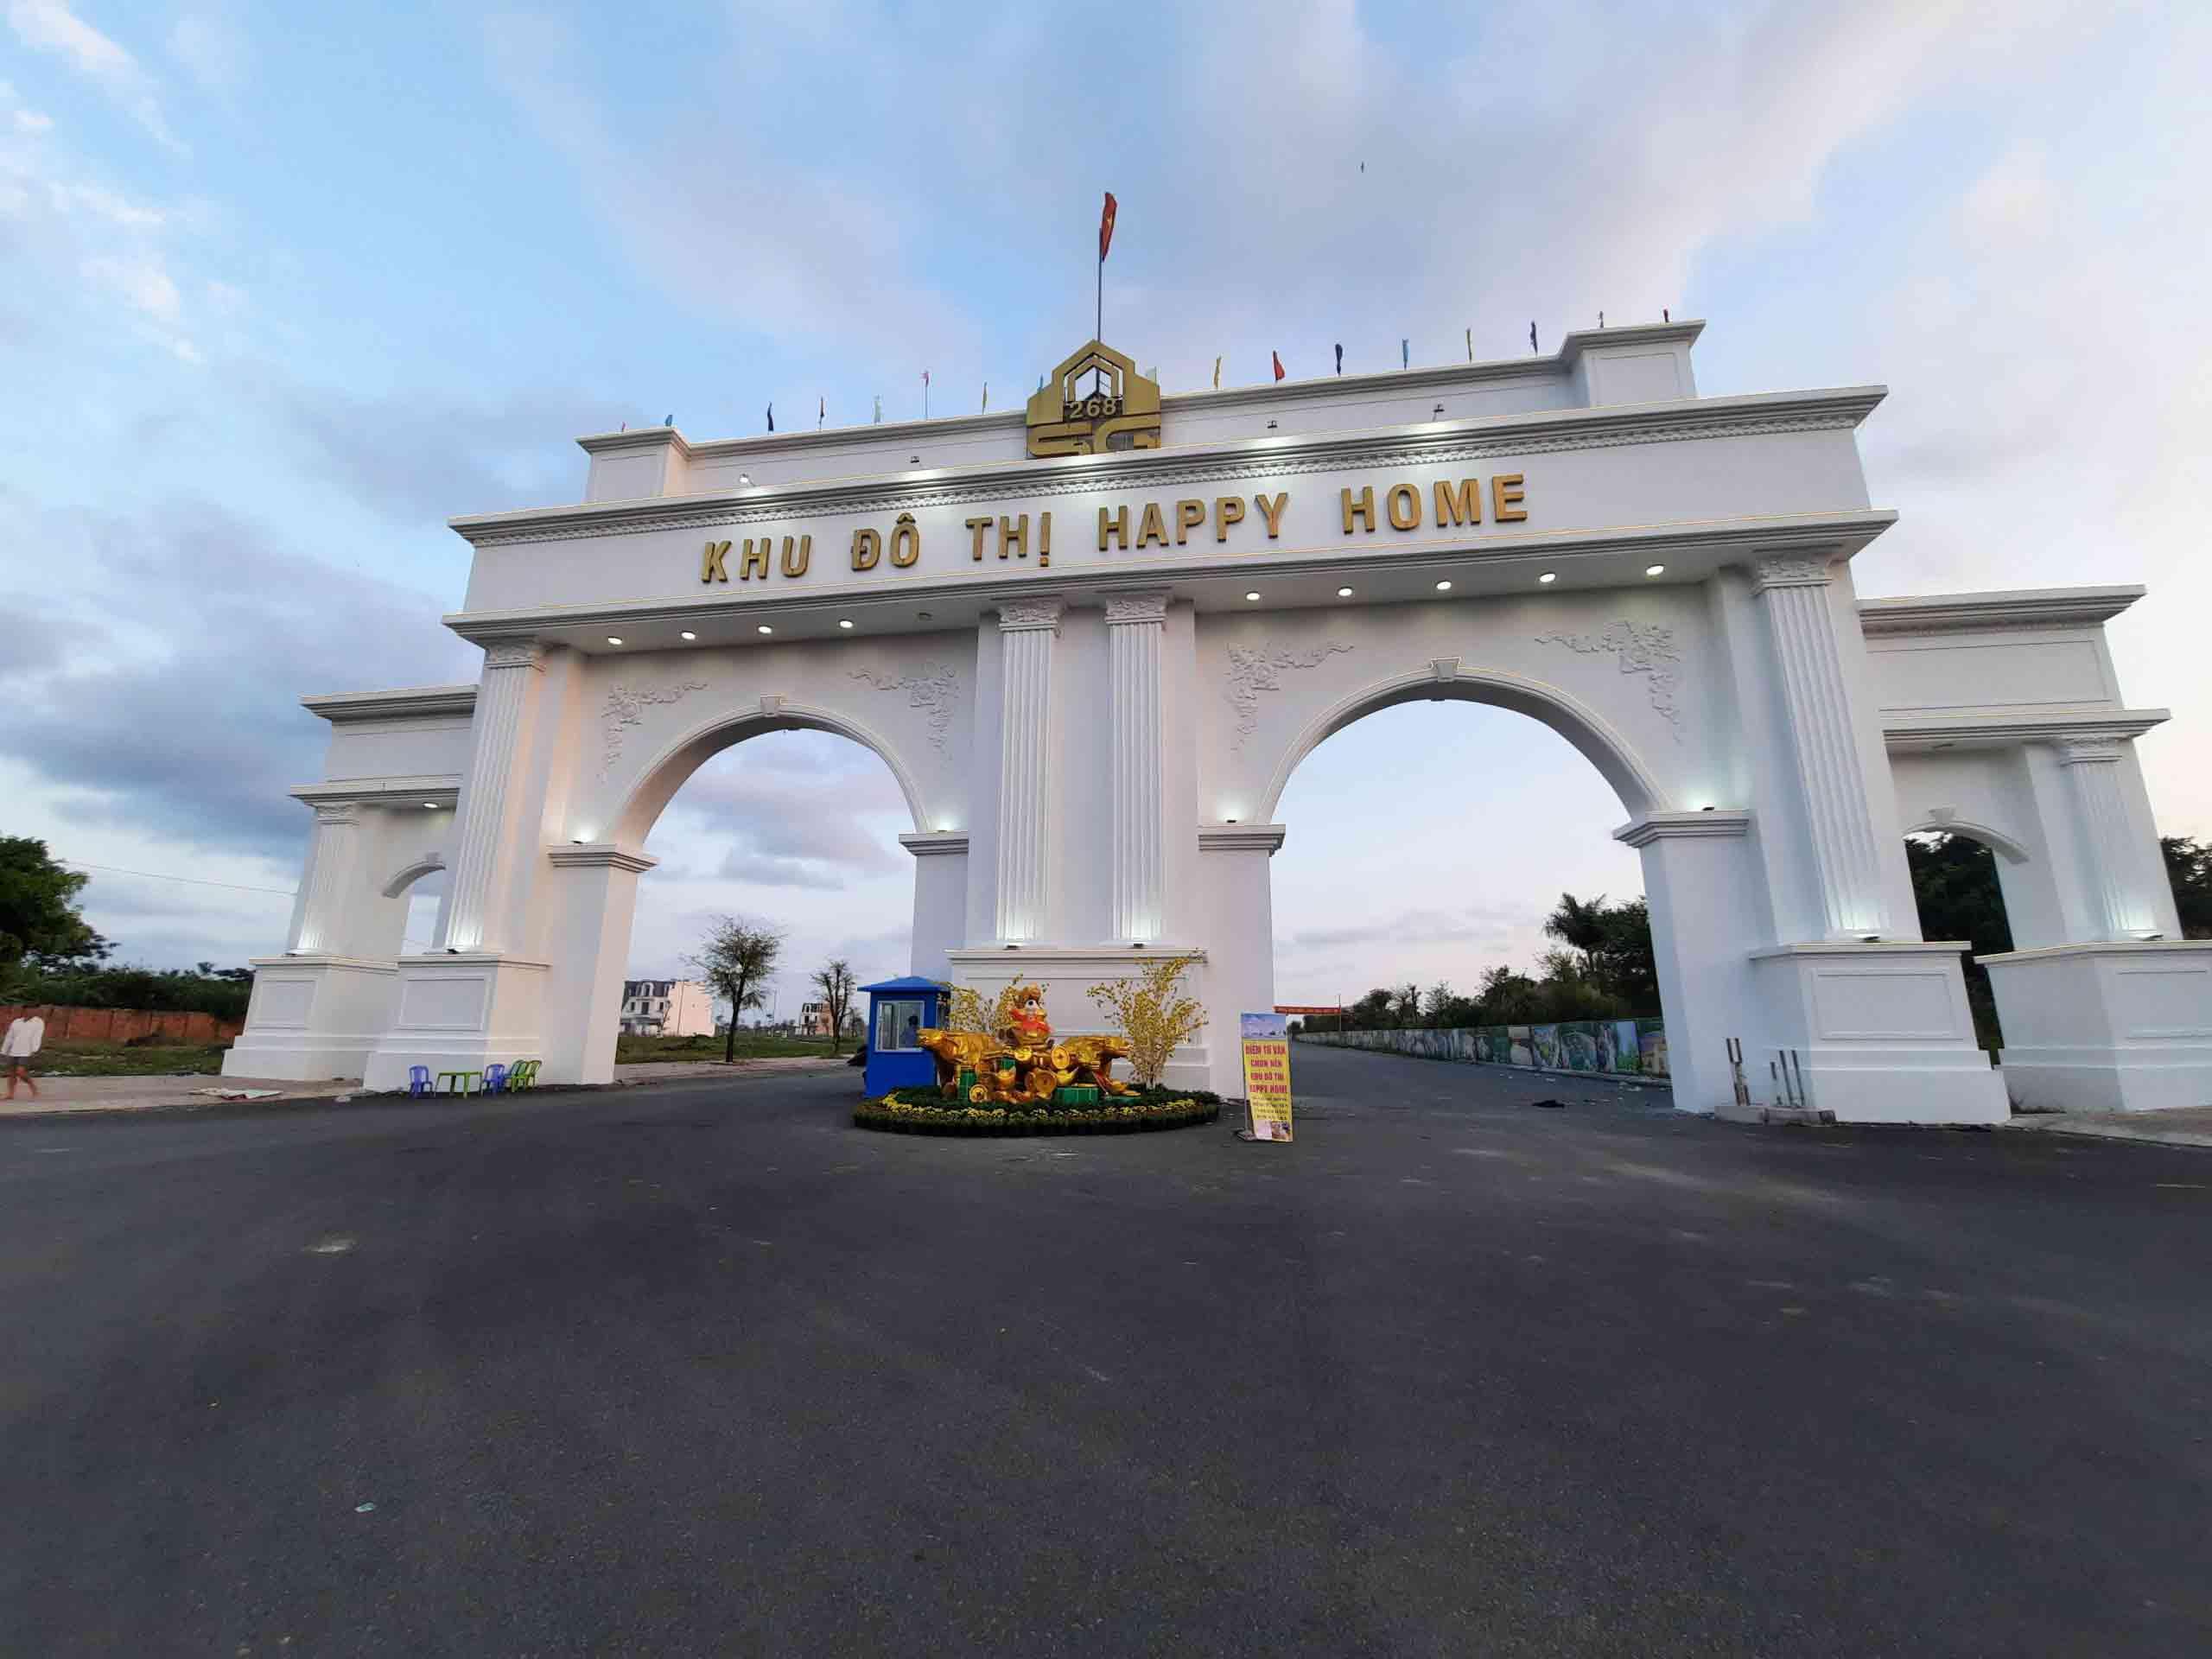 Cổng chào khu đô thị Happy Home Cà Mau